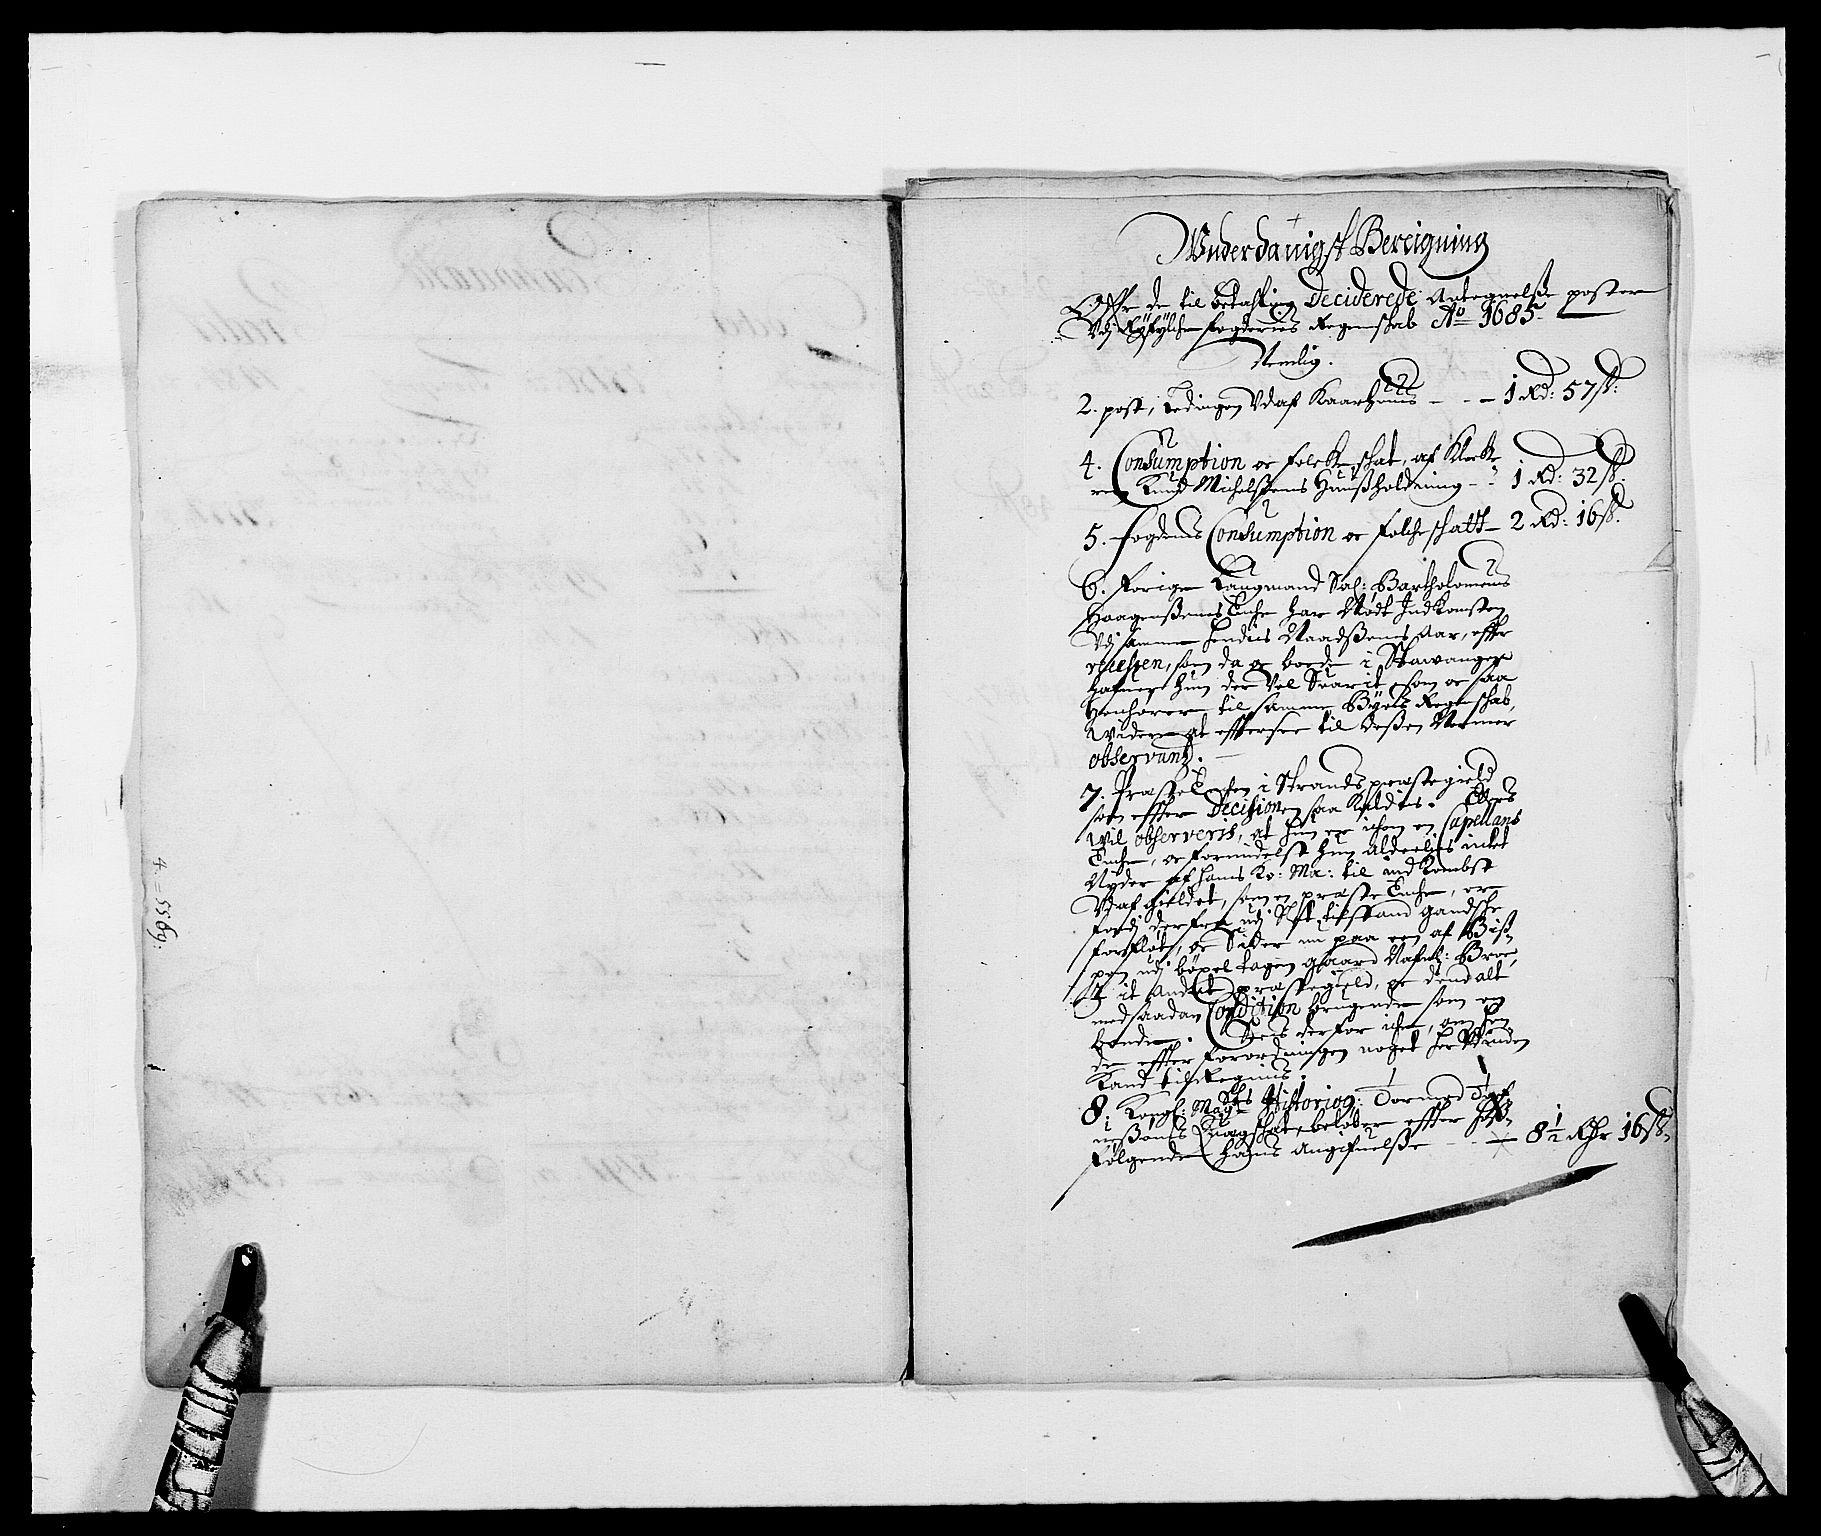 RA, Rentekammeret inntil 1814, Reviderte regnskaper, Fogderegnskap, R47/L2855: Fogderegnskap Ryfylke, 1685-1688, s. 125